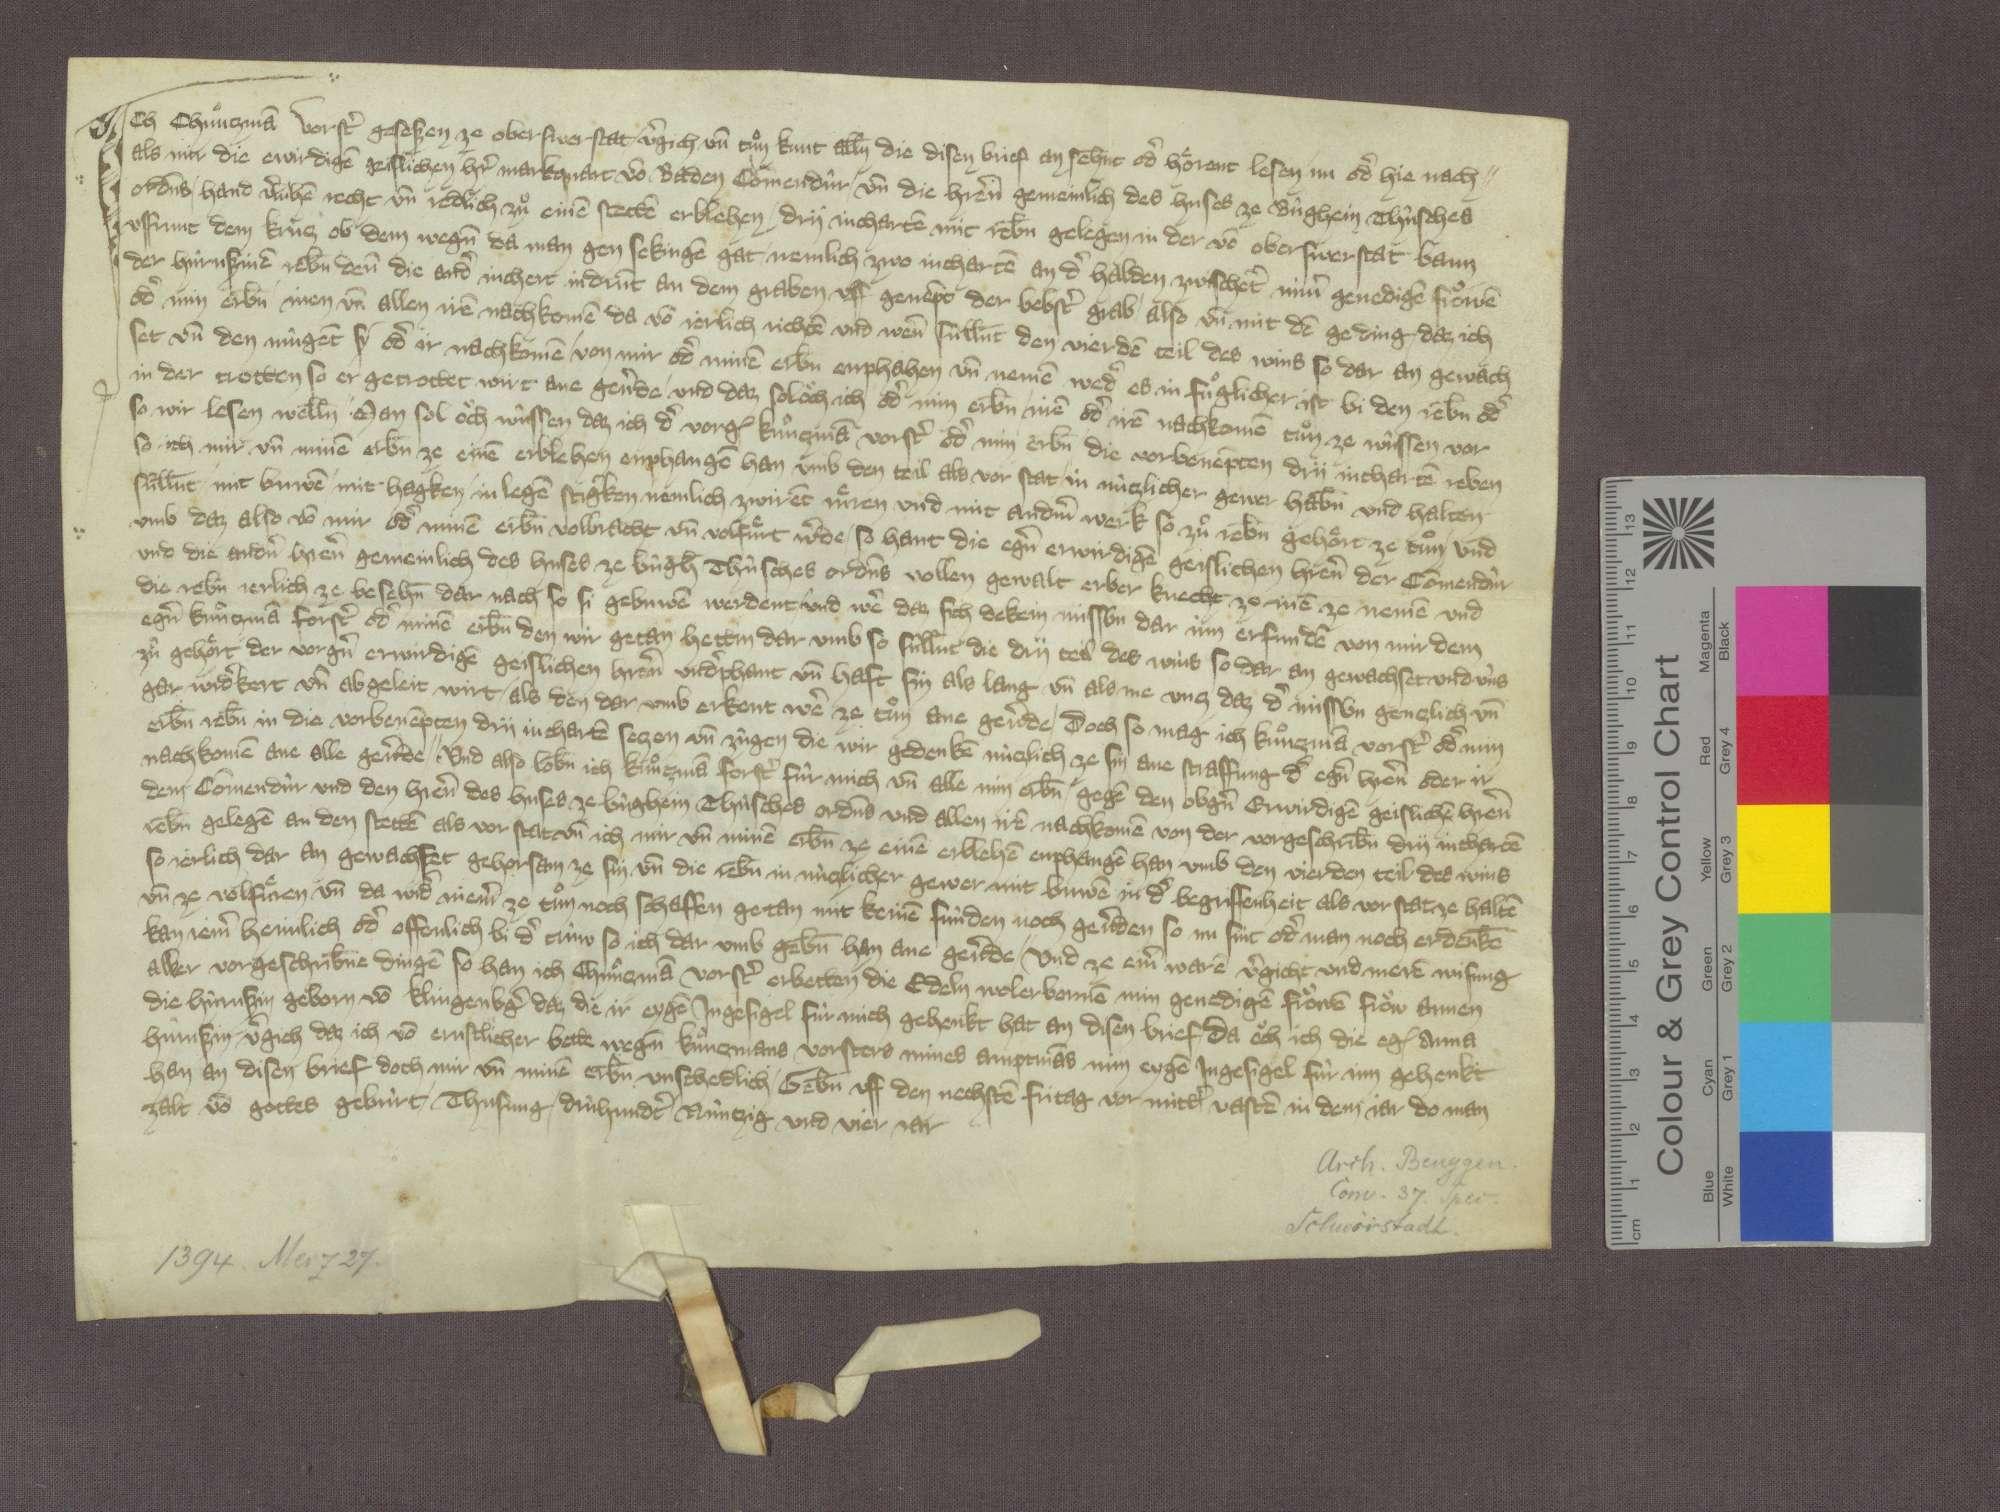 Kunzmann Forster zu Oberschwörstadt reversiert gegenüber Marquard von Baden, Komtur zu Beuggen, wegen 3 Juchart Reben in der Gemarkung von Oberschwörstadt, die ihm für den vierten Teil des Ertrags an Wein zu Erblehen verliehen wurden., Bild 1